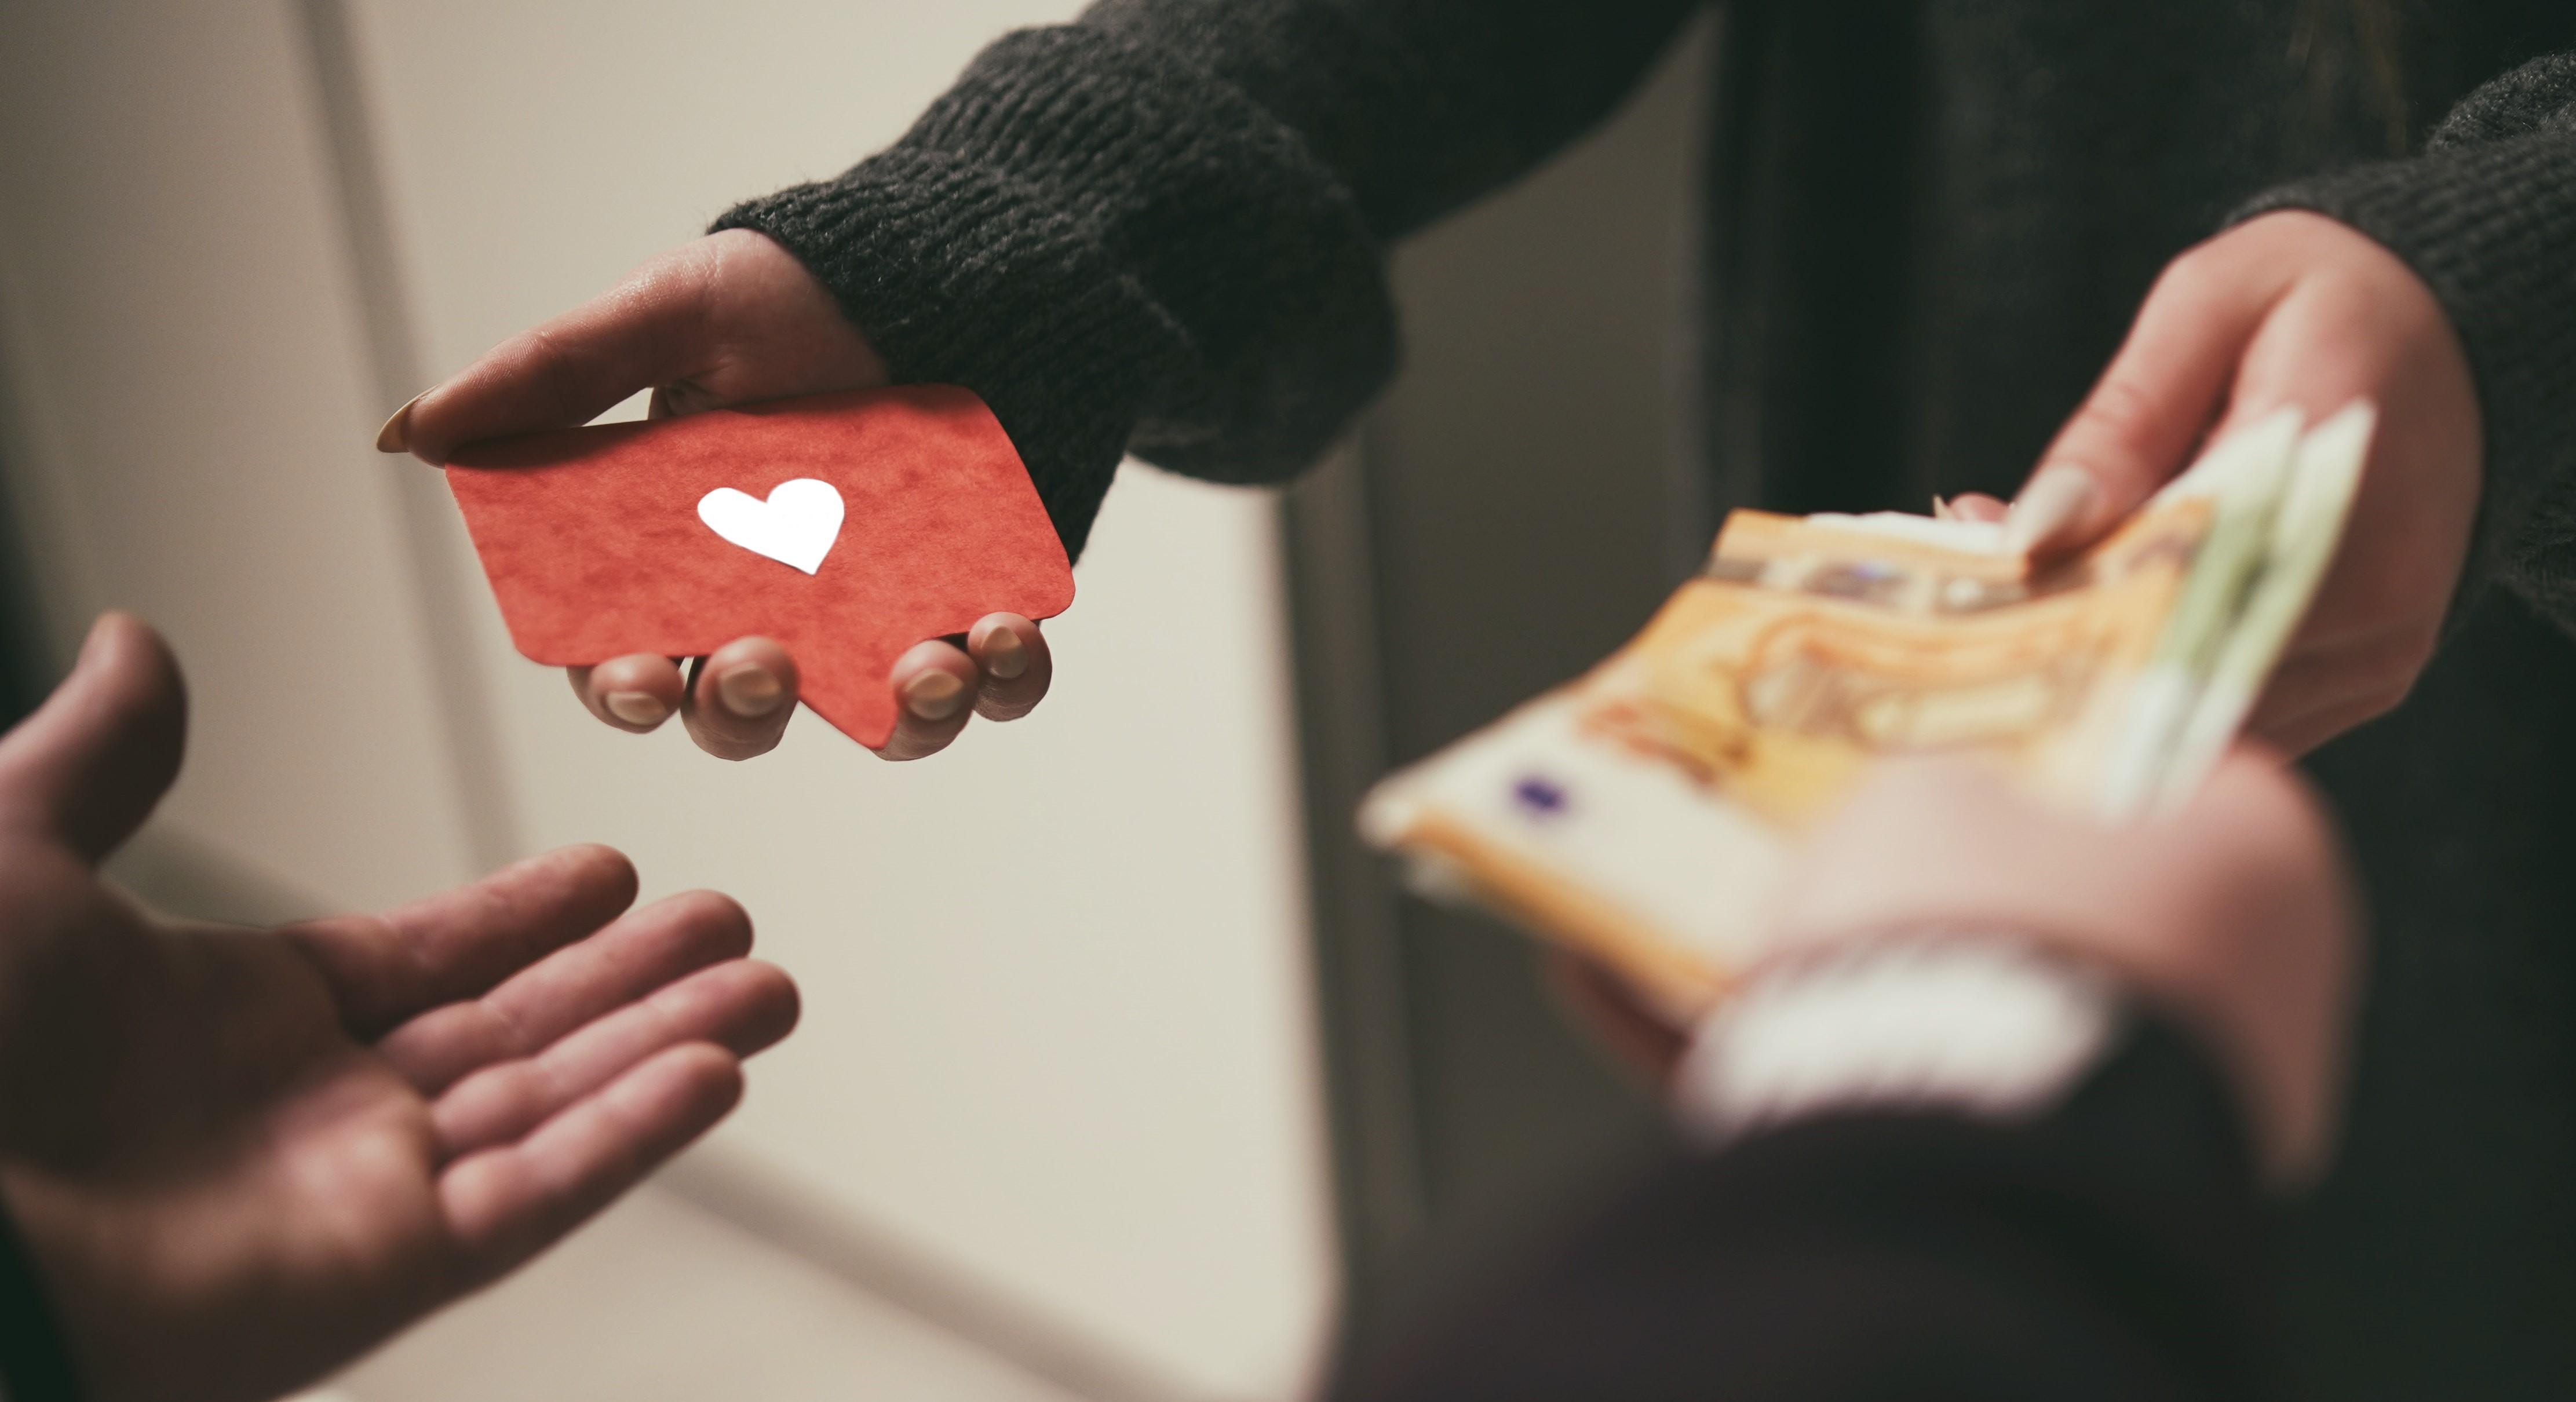 heart react in exchange of money